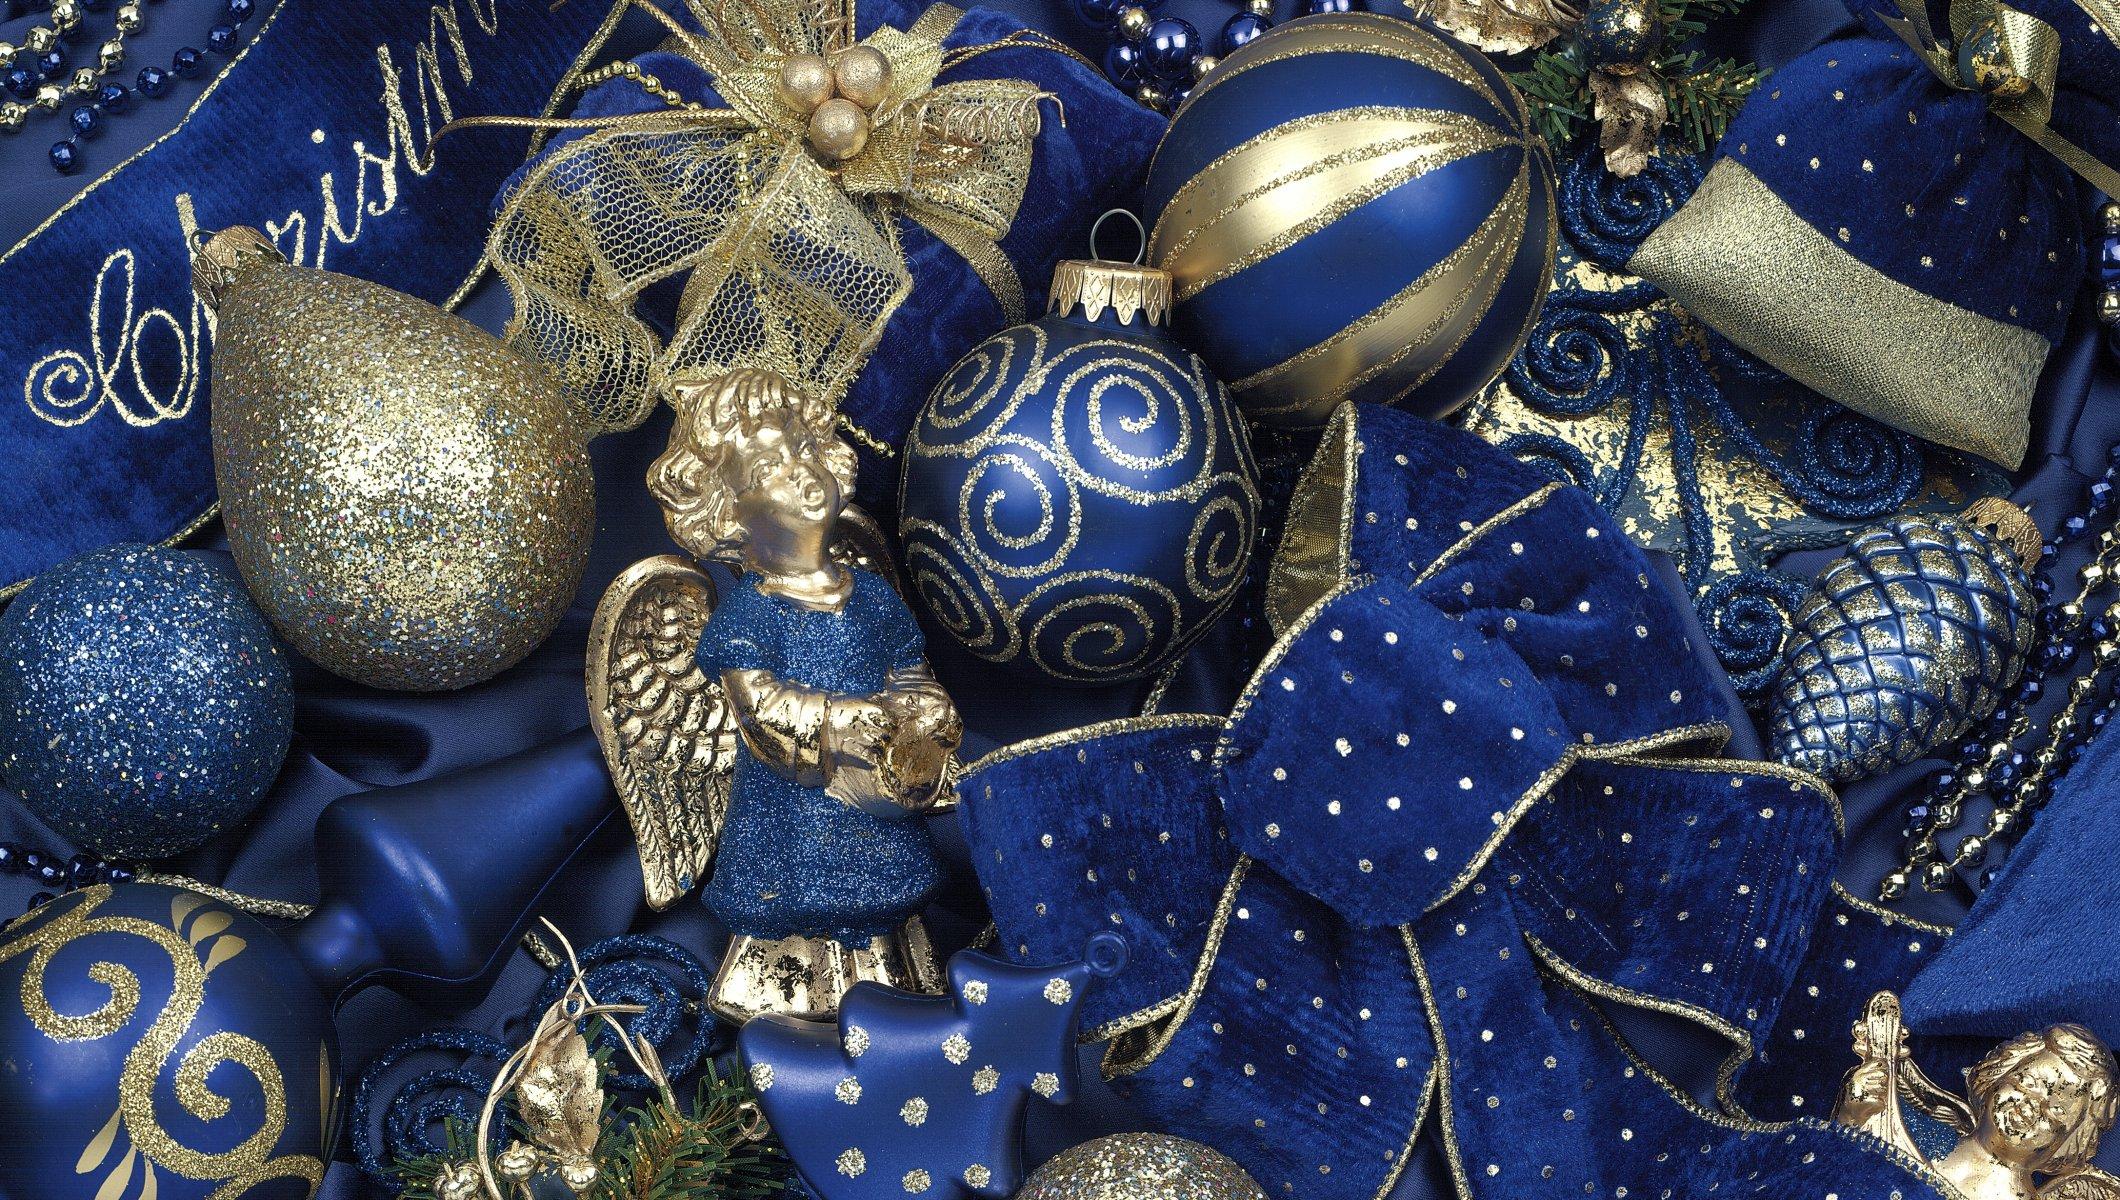 Картинками днем, картинки с новым годом в синем цвете